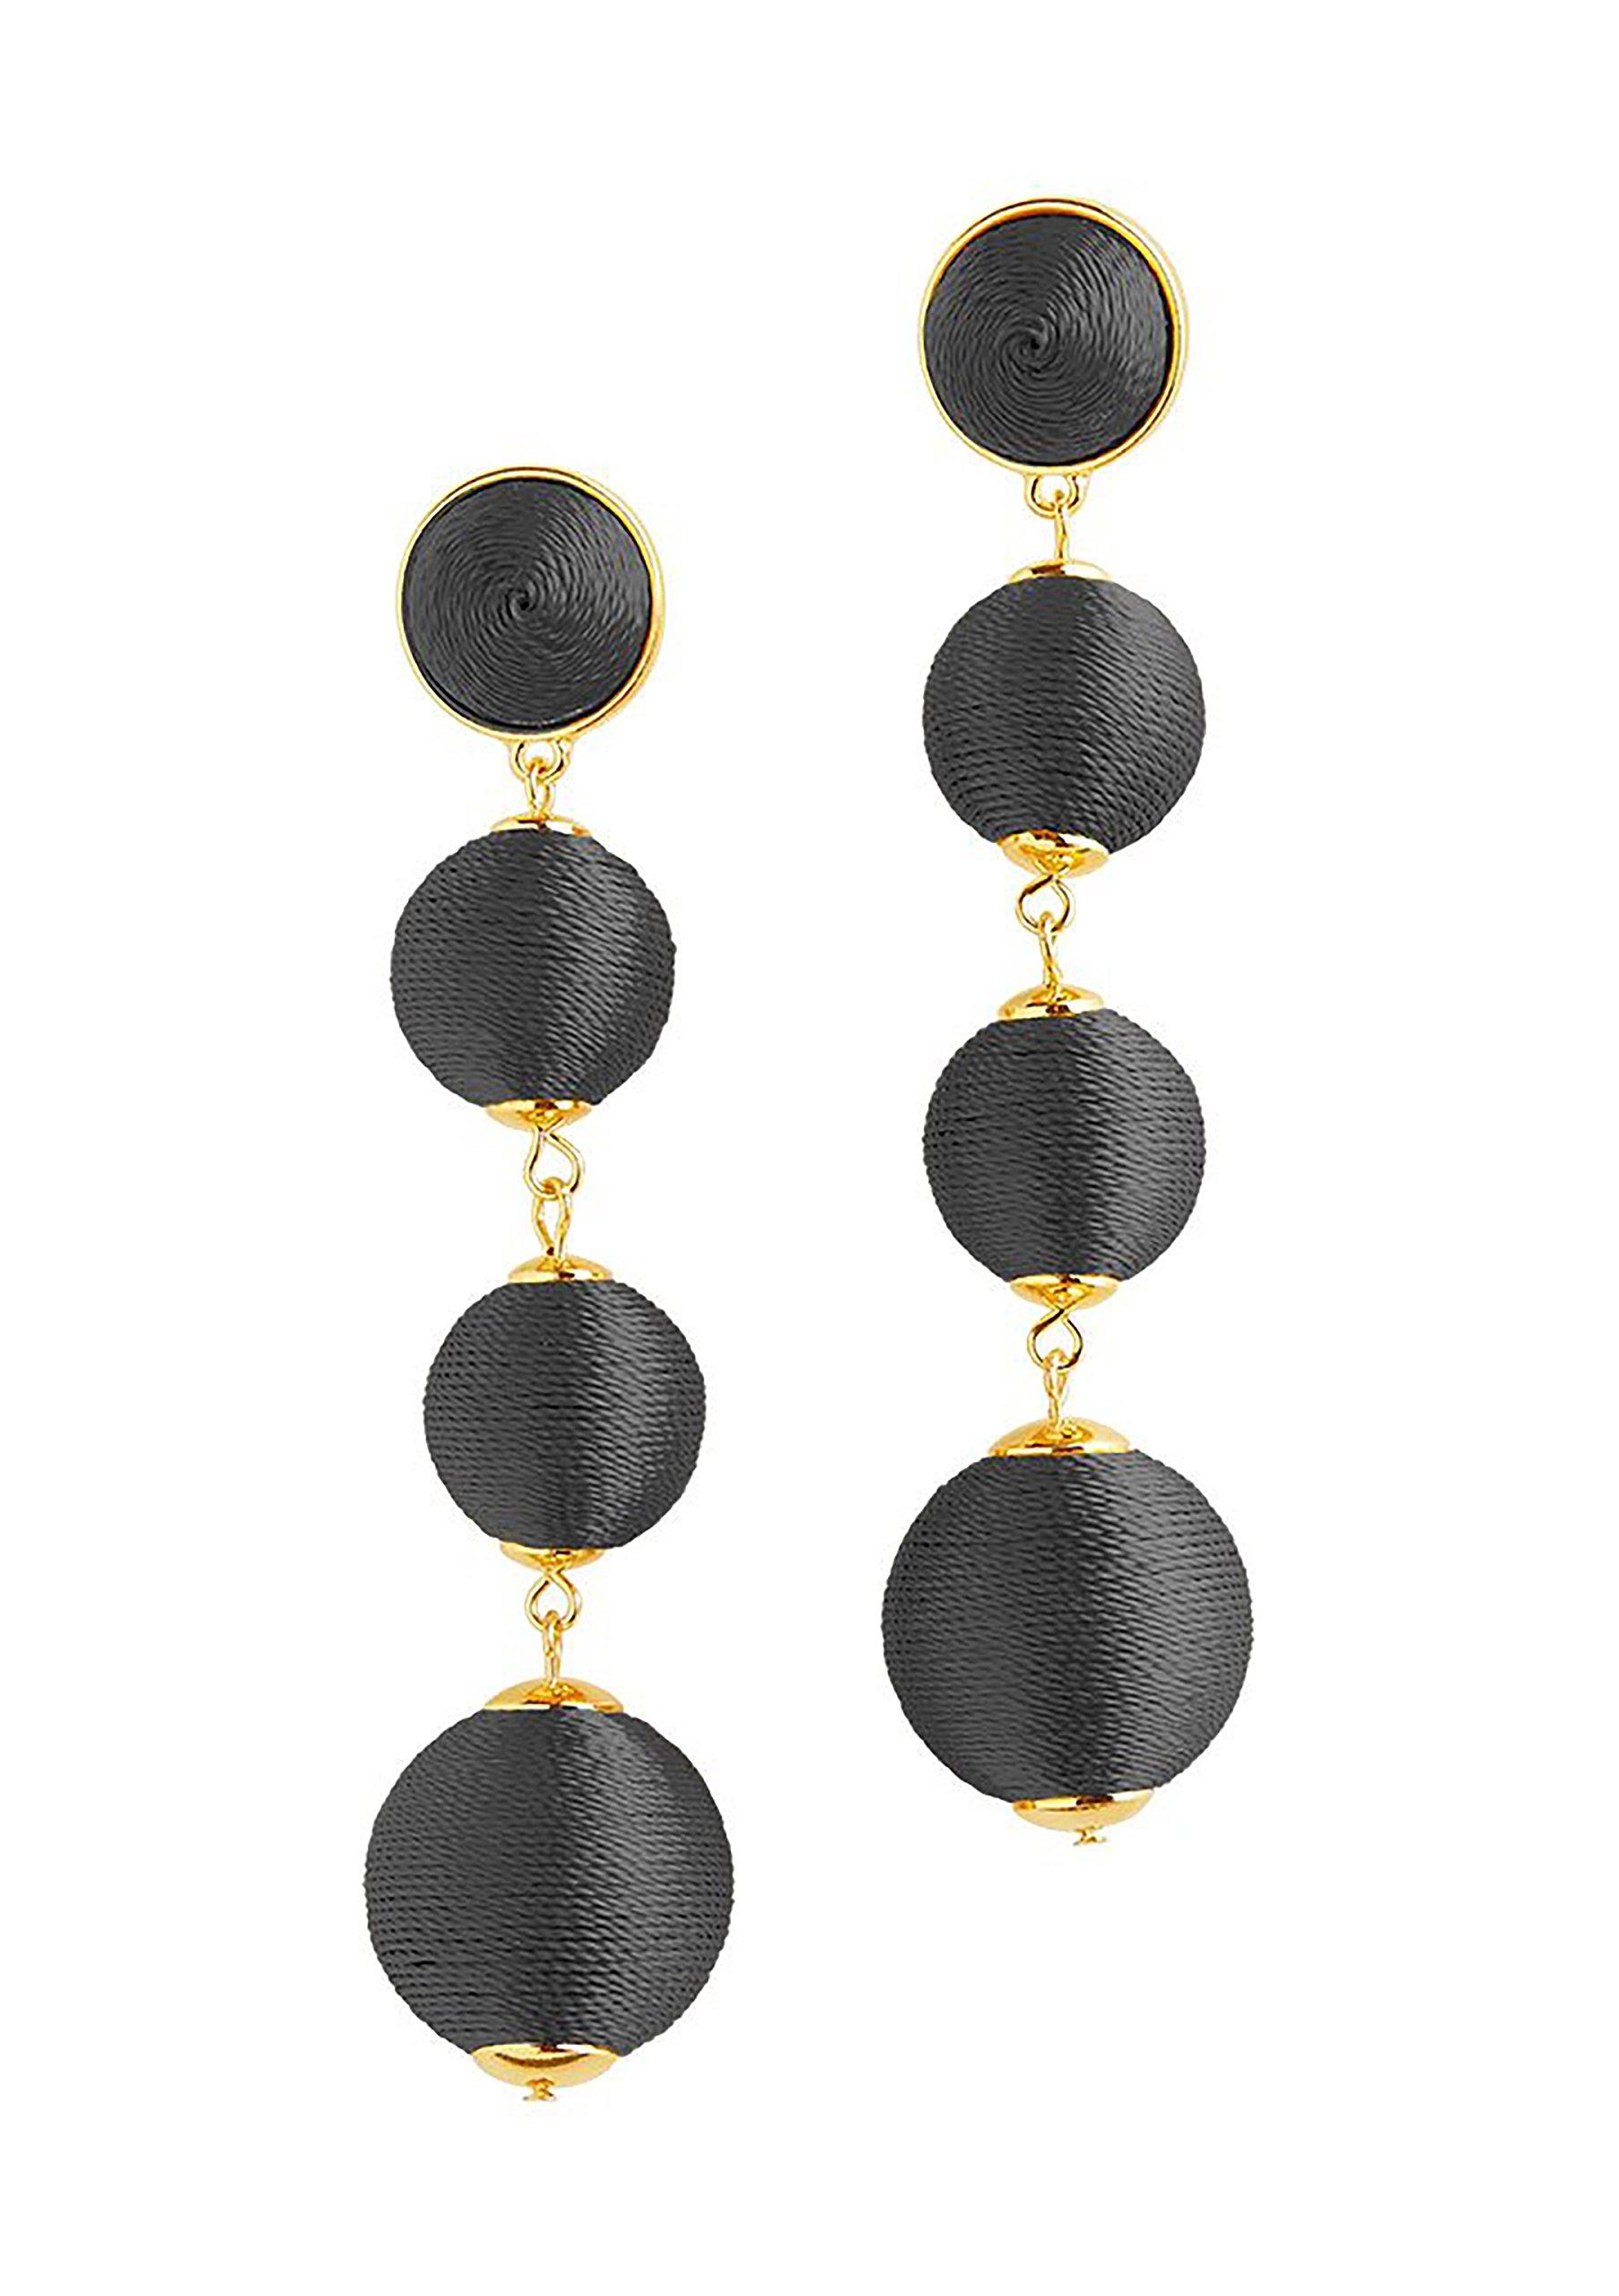 Sterling Forever Fashion Jewelry - Thread Wrapped Multi Orbit Soriee Drop Earrings for Women